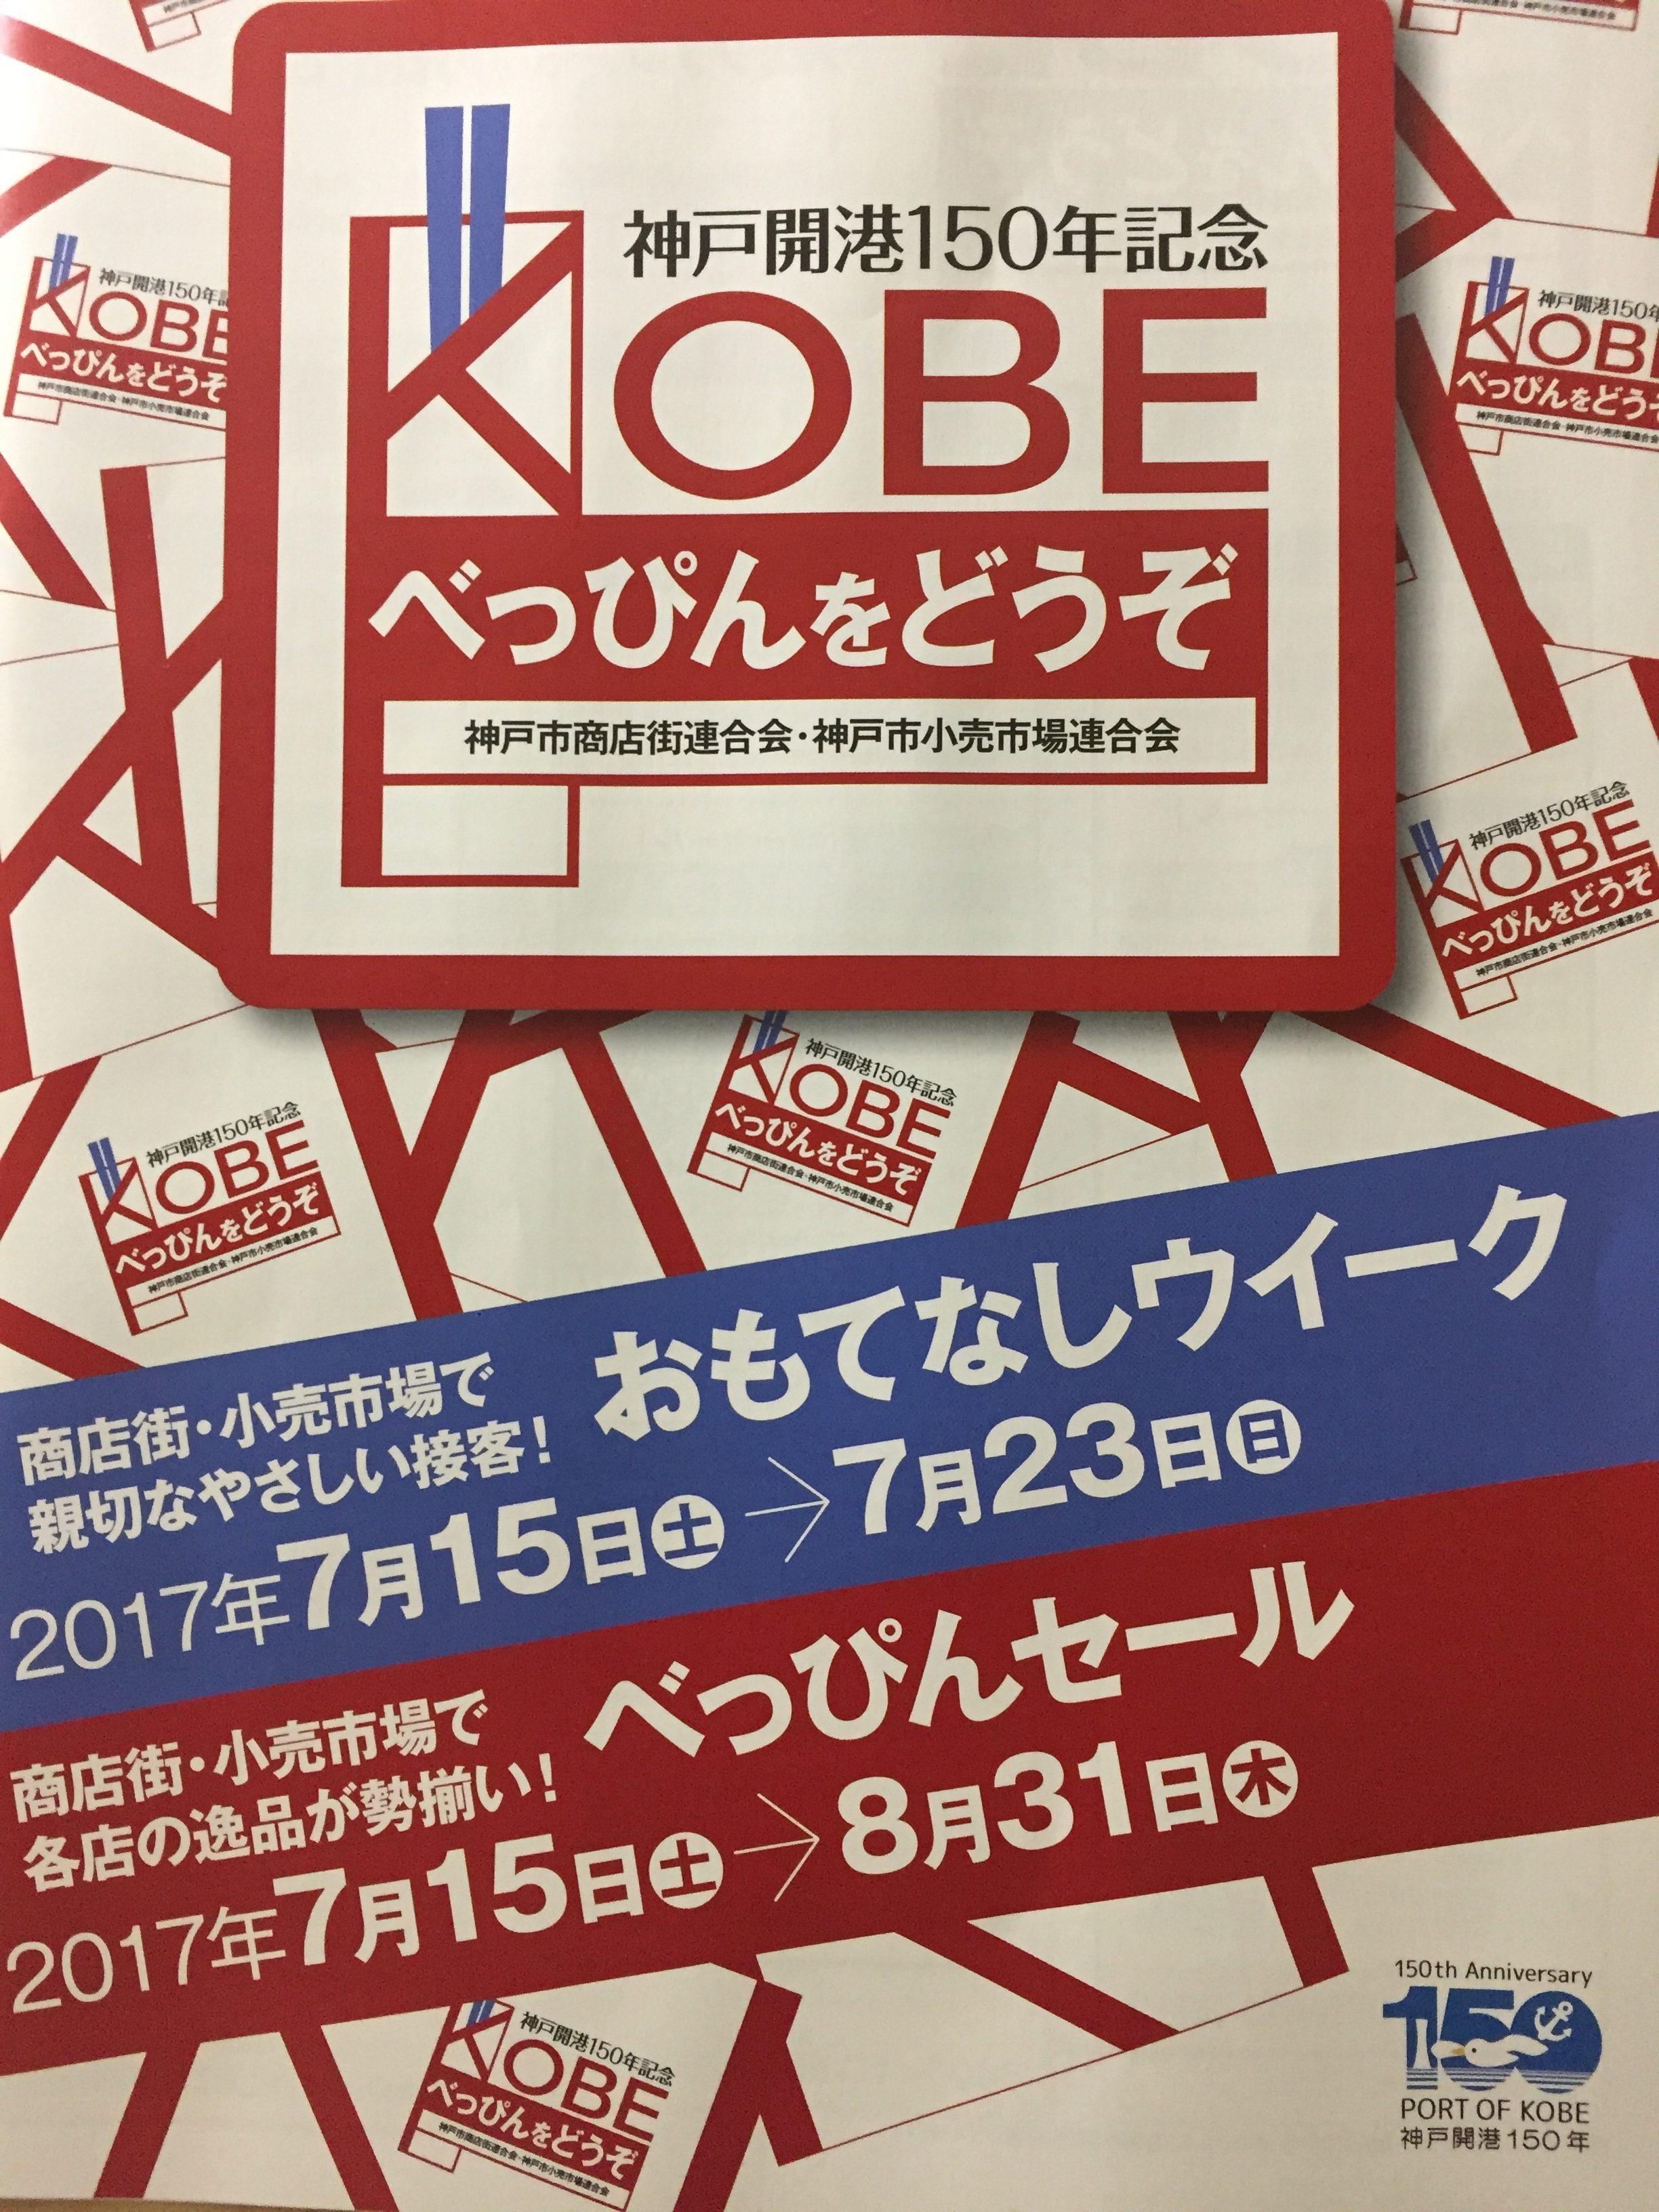 神戸市の商店街と市場で、神戸開港150年記念「おもてなしウィーク」と「べっぴんセール」が開催されるよ! #神戸開港150年